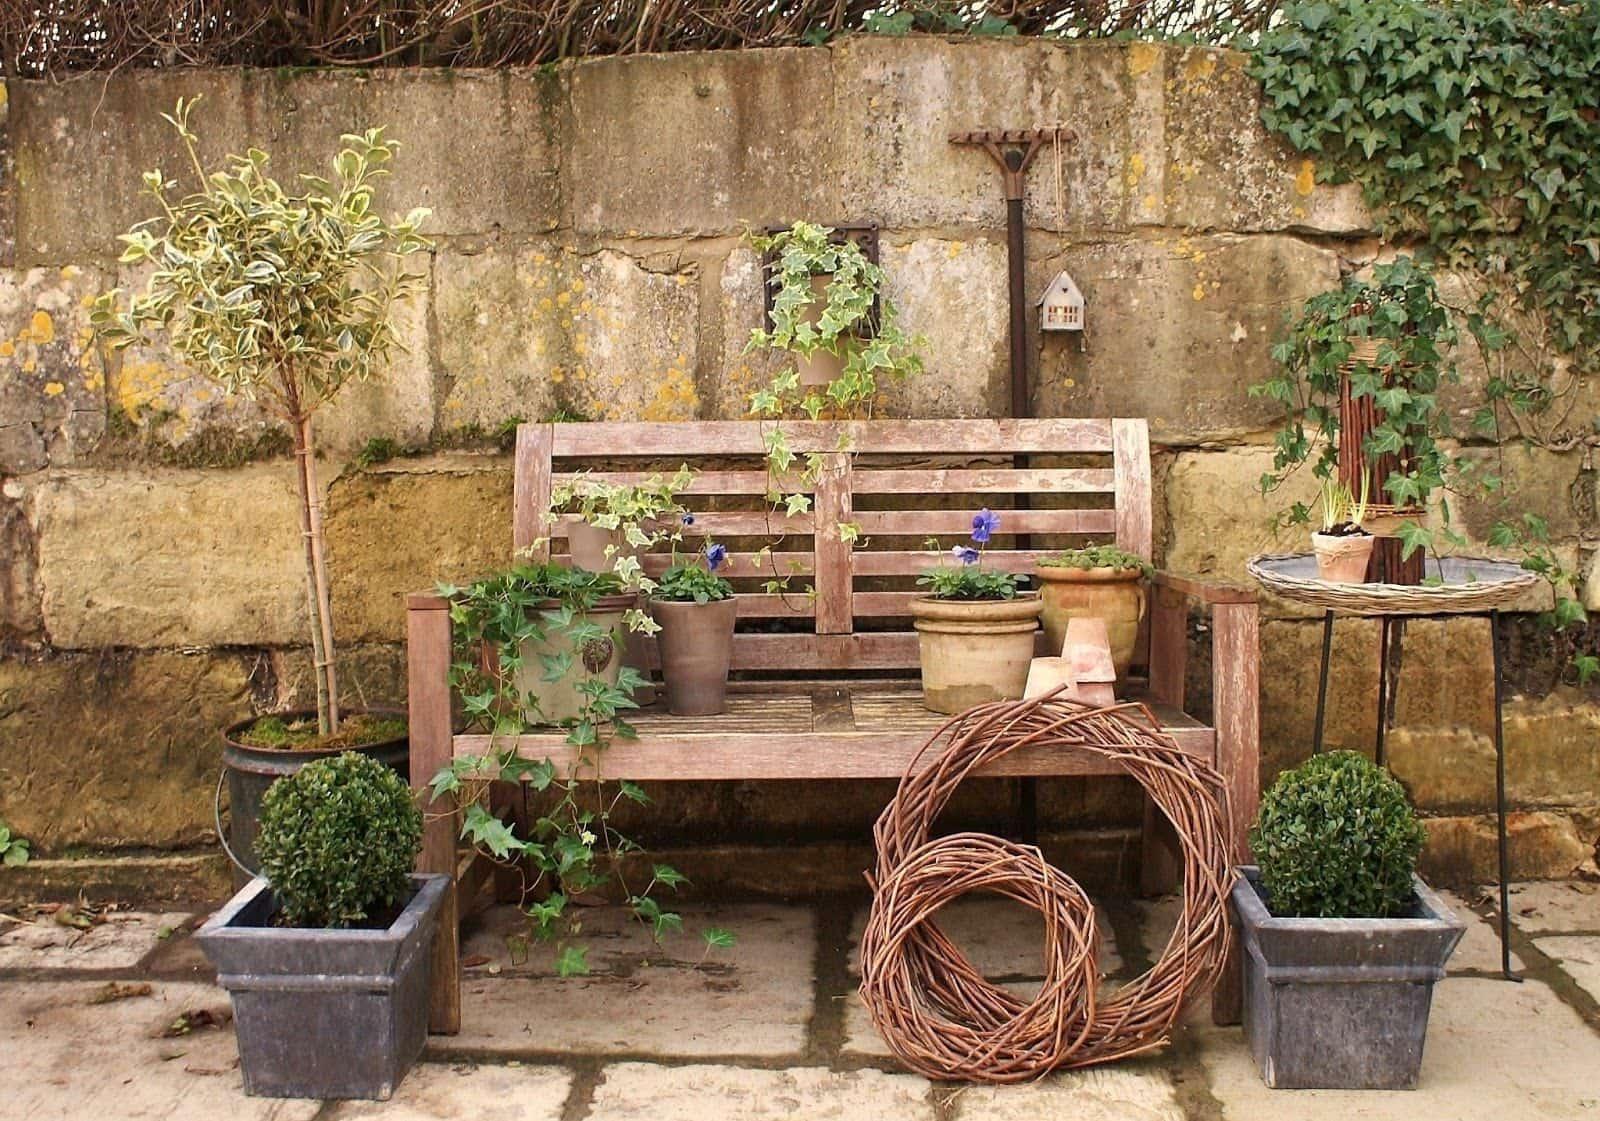 La photo montre des éléments de décor qui peuvent être utilisés pour la décoration d'un jardin rustique.